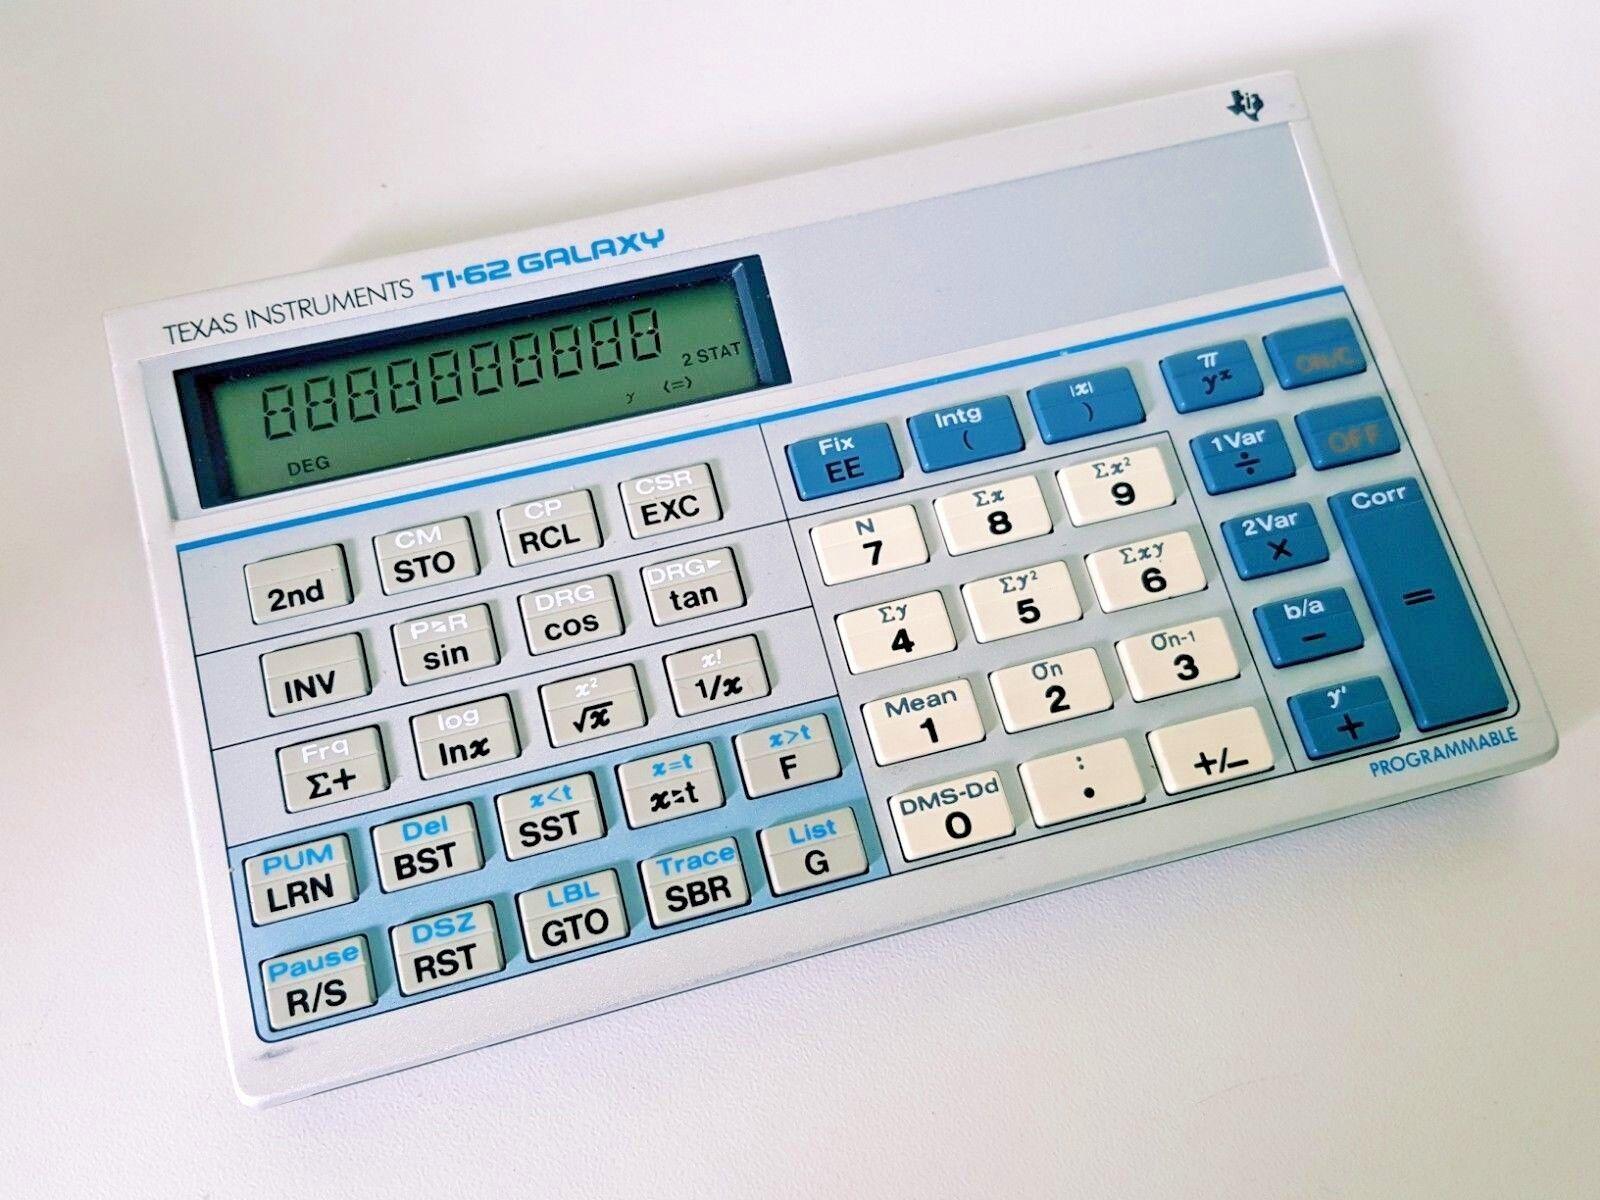 Taschenrechner Texas Instruments Ti-62 Galaxy   calculator verkauft wie es ist